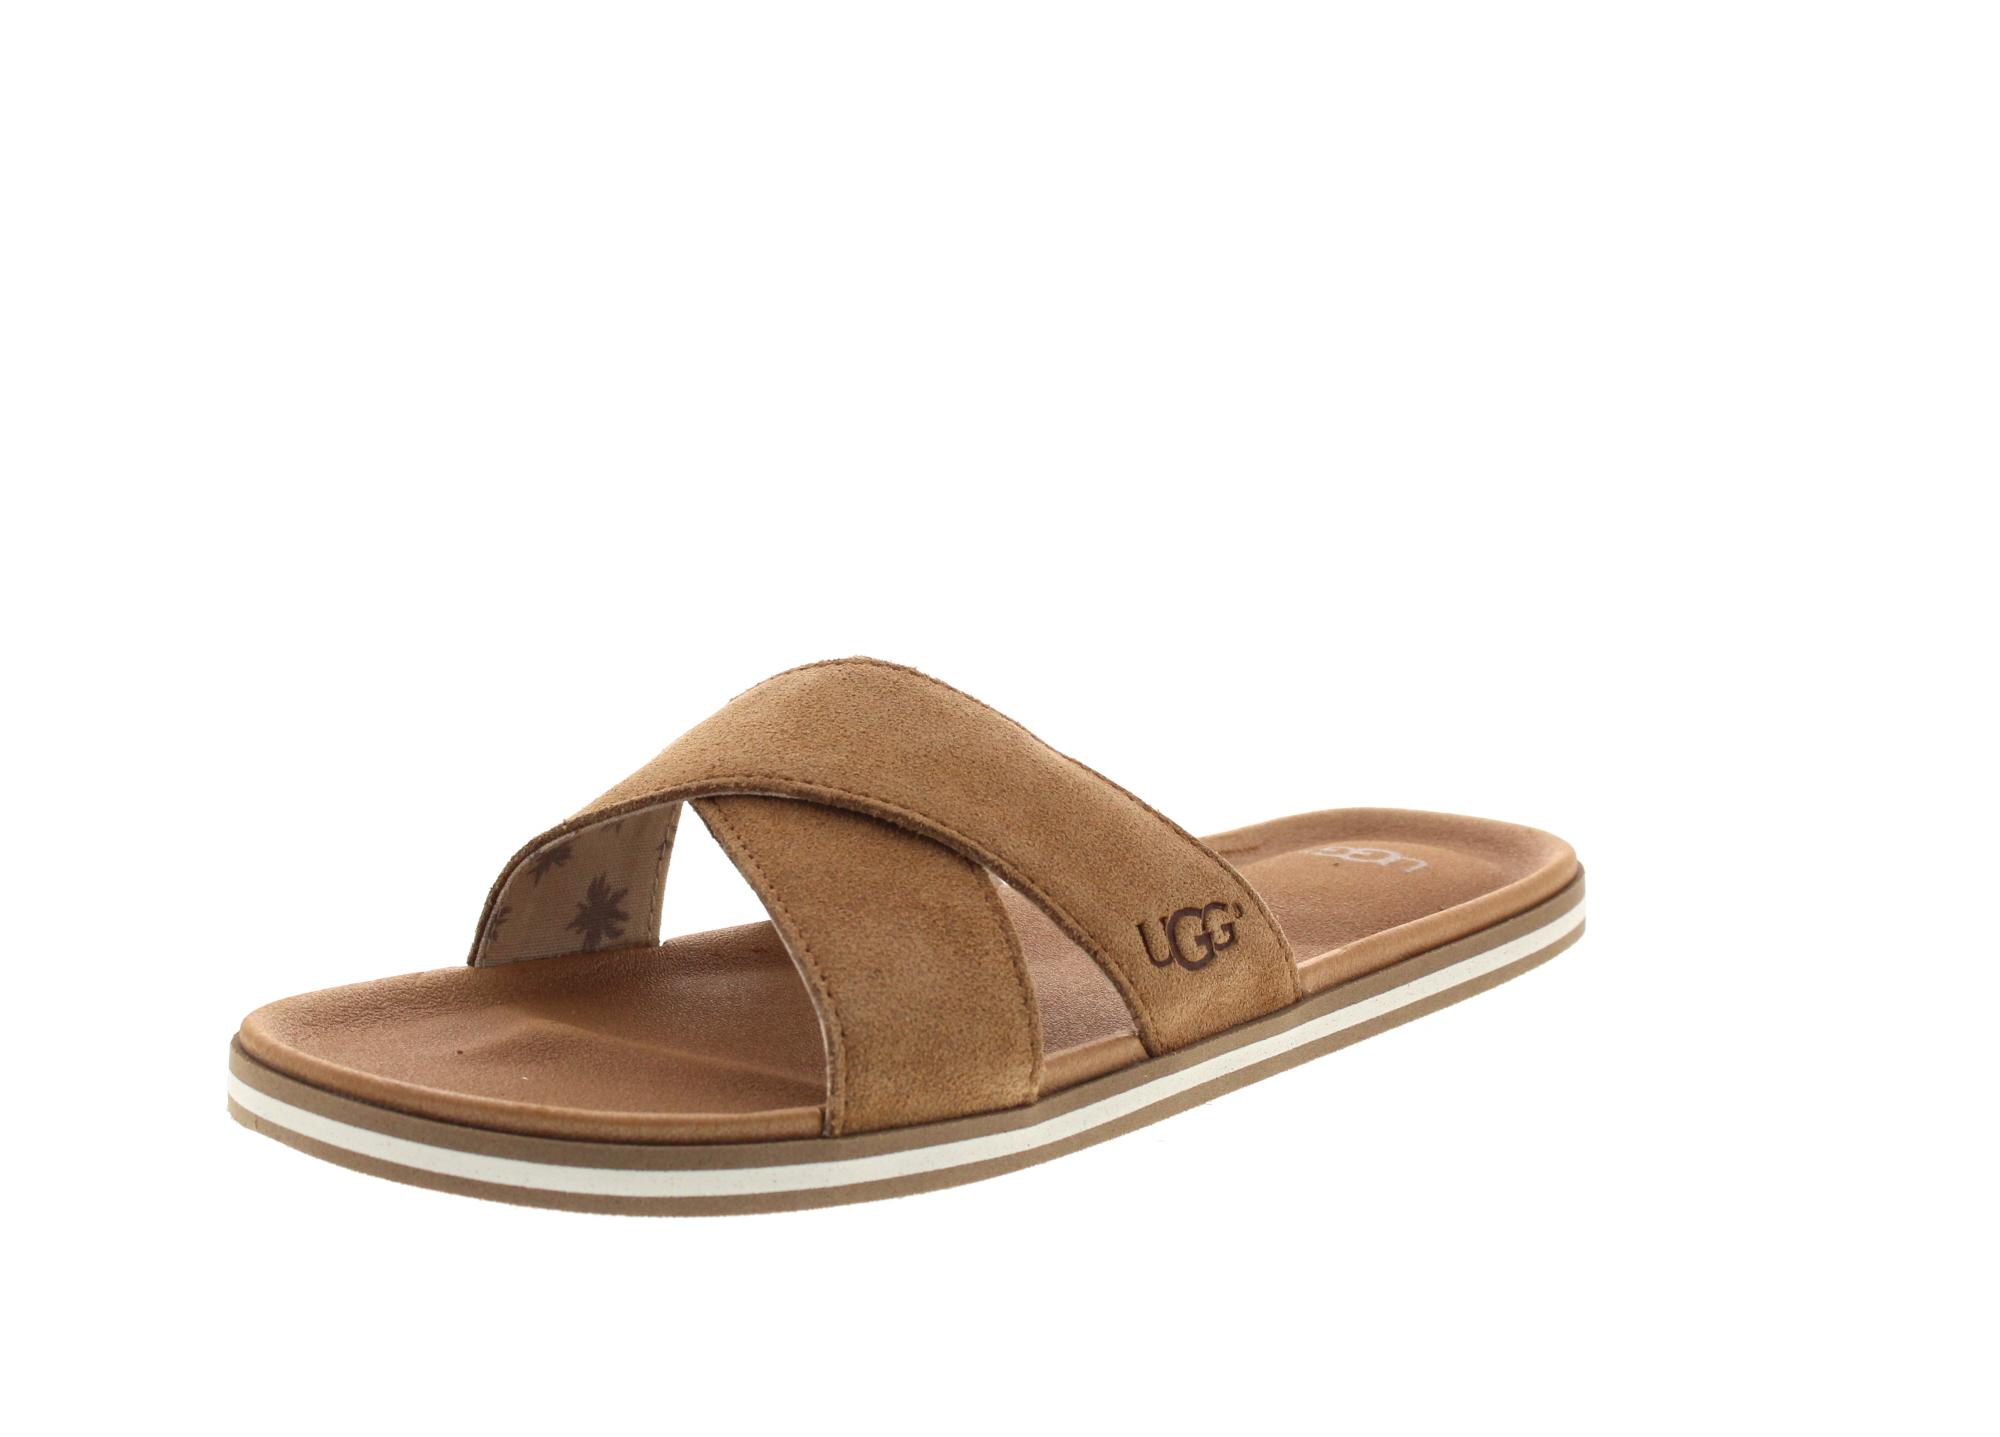 UGG in Übergröße - BEACH SLIDE 1020086 - chestnut